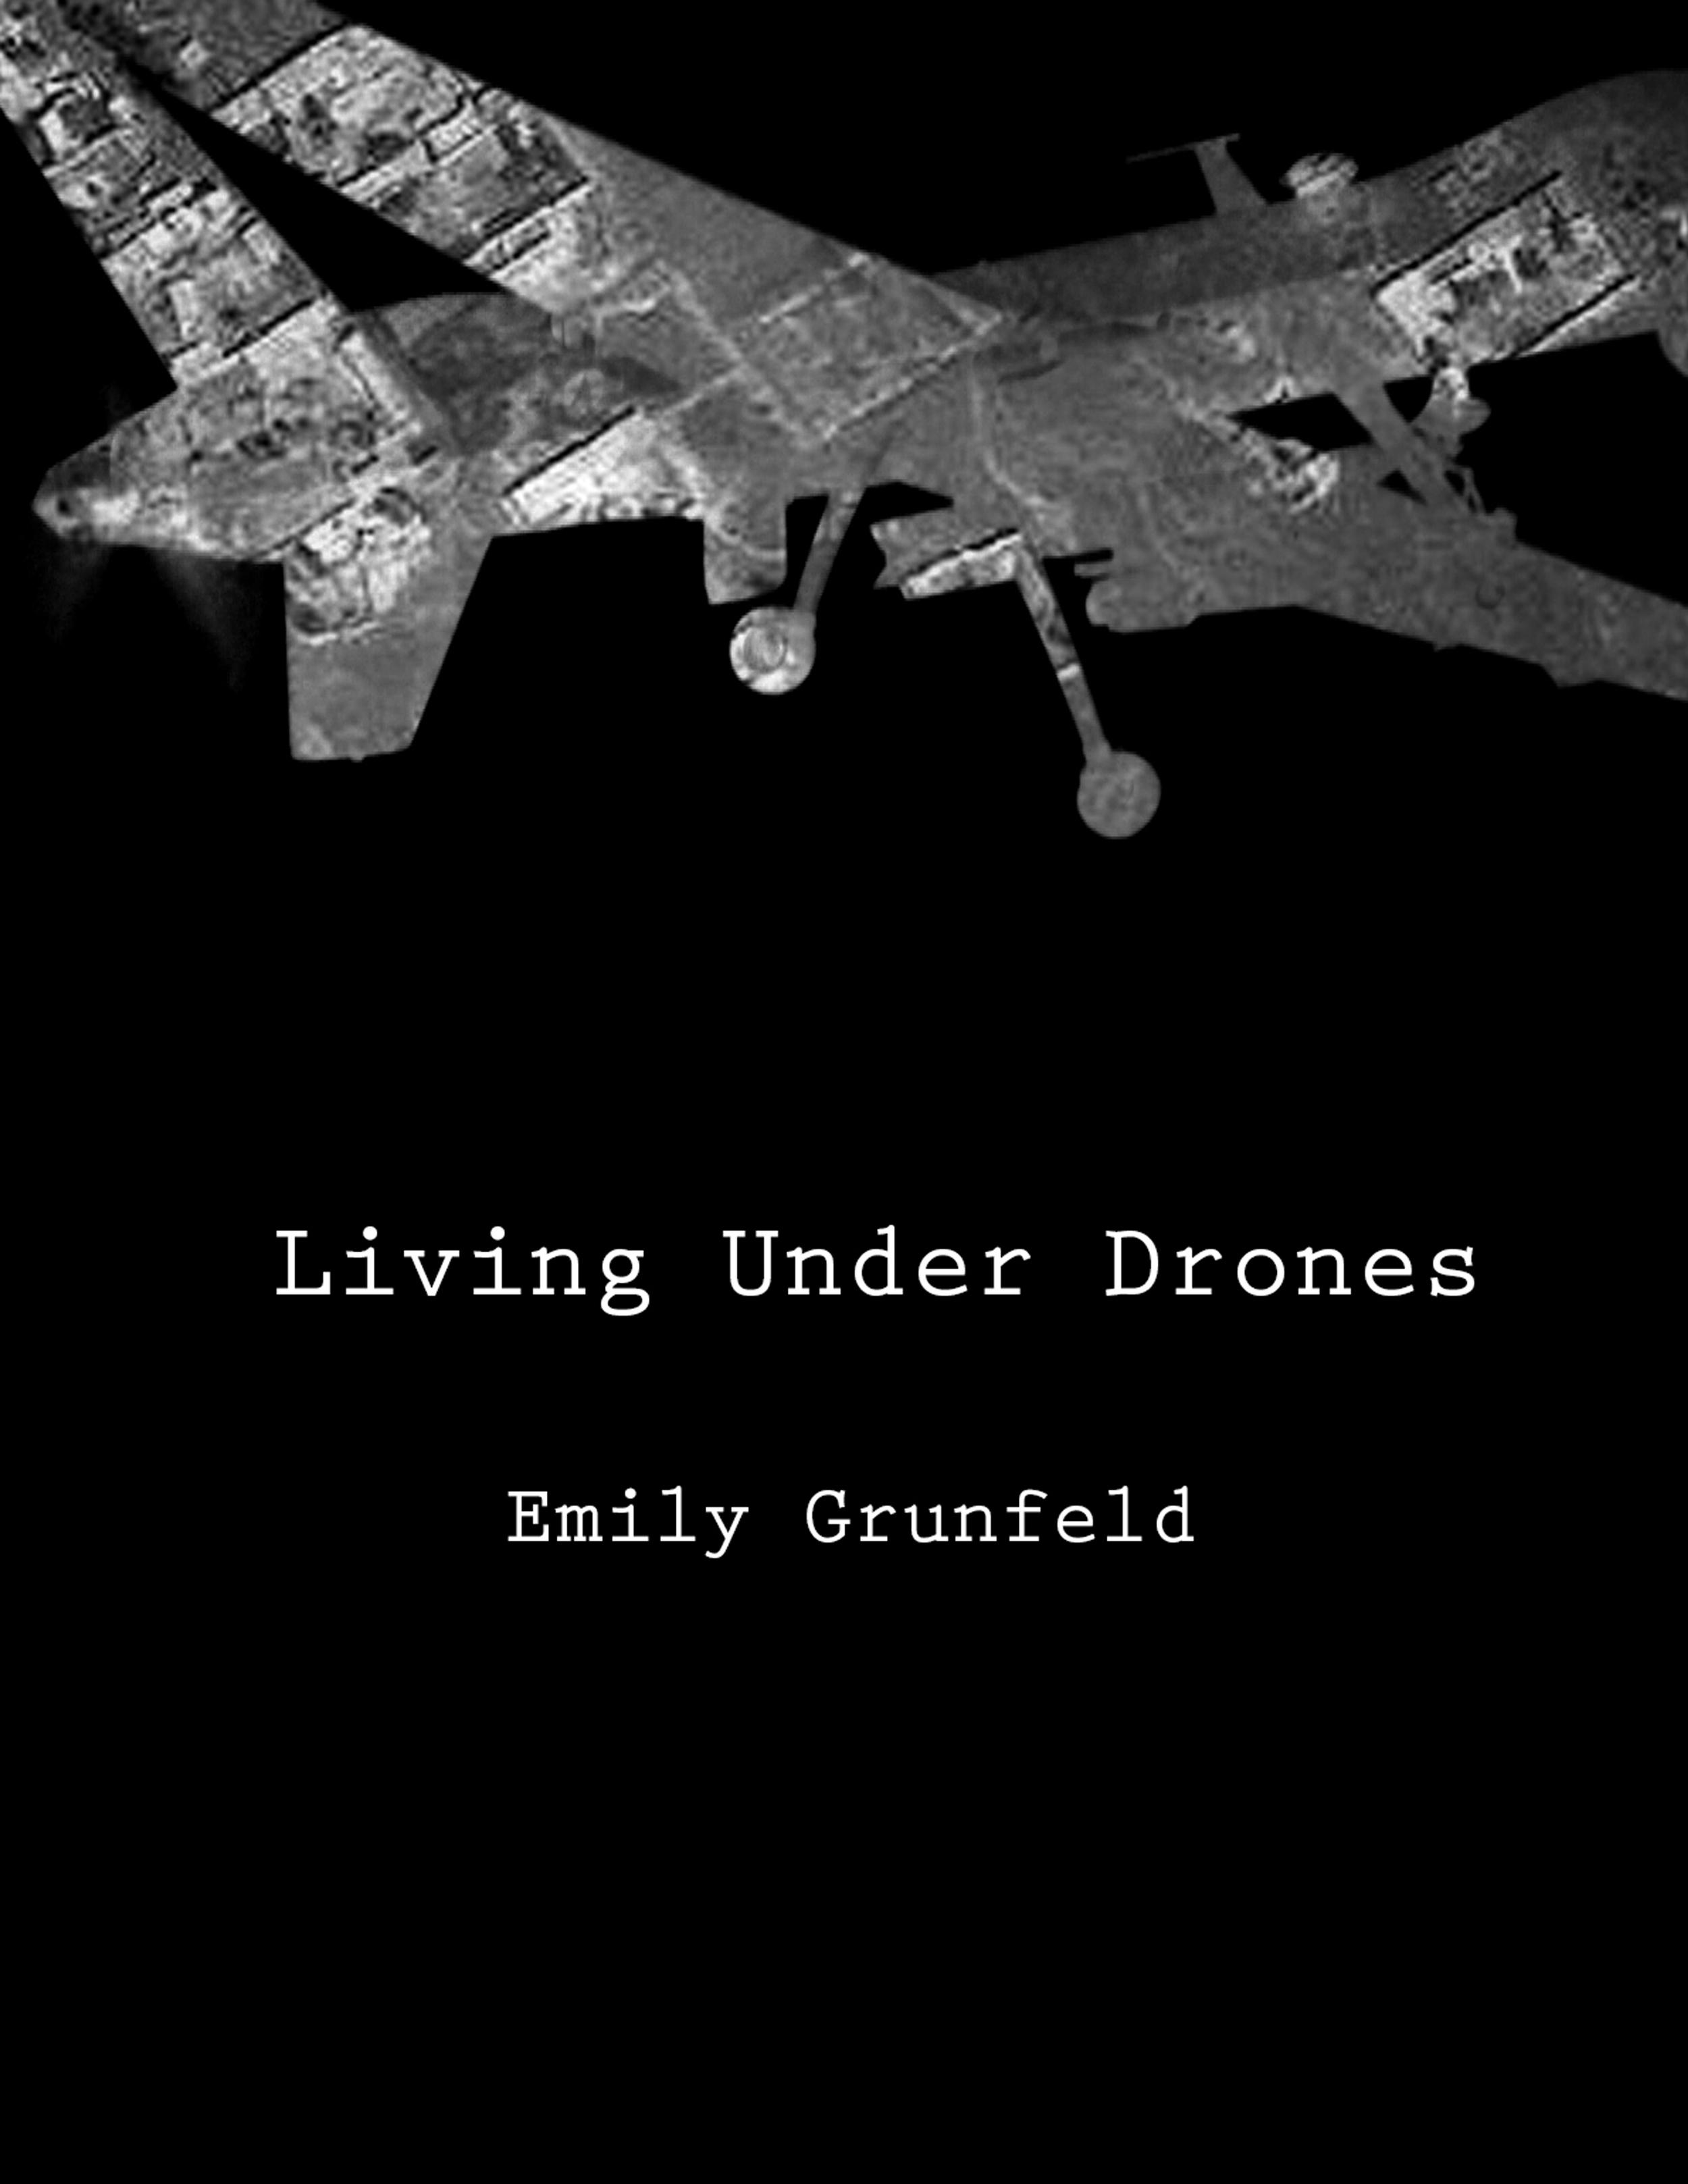 finalbook_drone_1.jpg